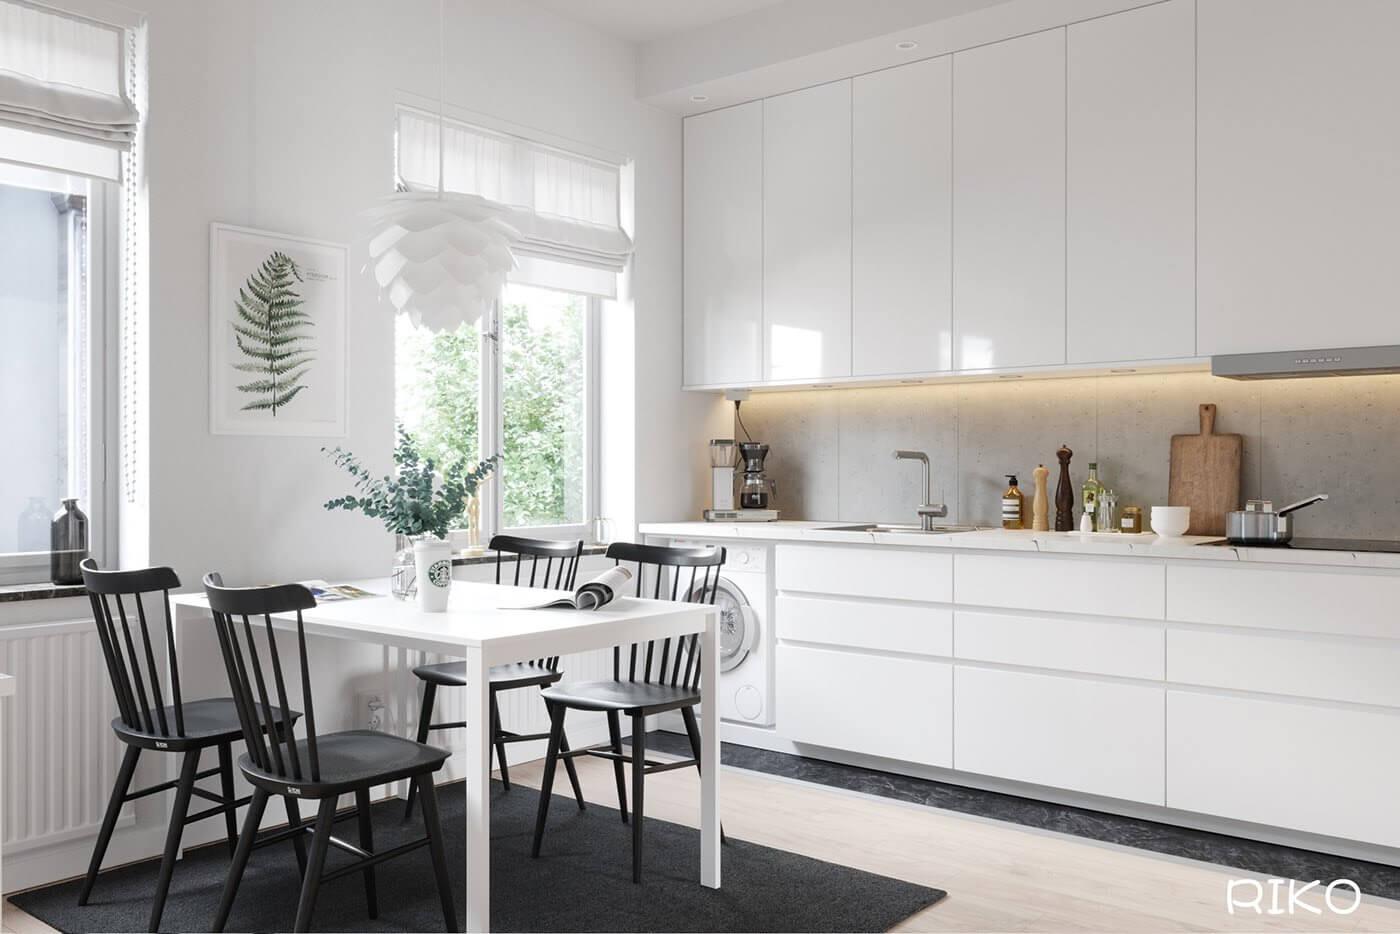 White kitchen design - cgi visualization